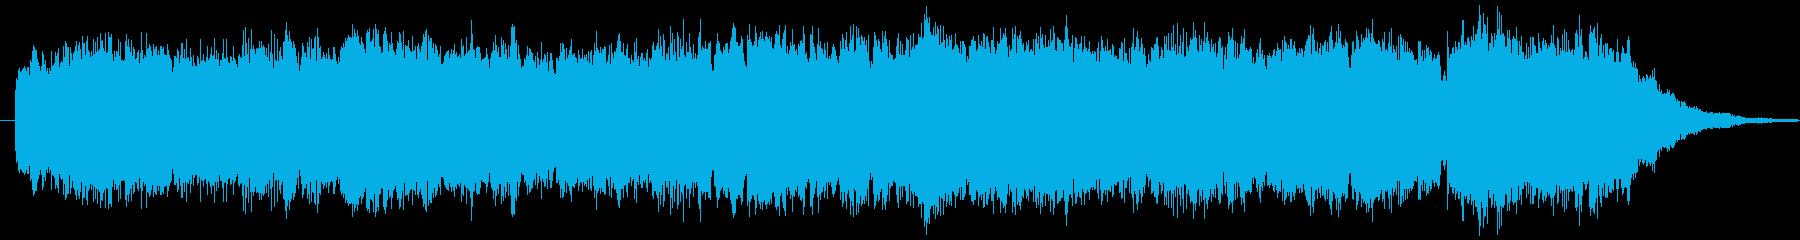 教会のパイプオルガン・明るめの再生済みの波形